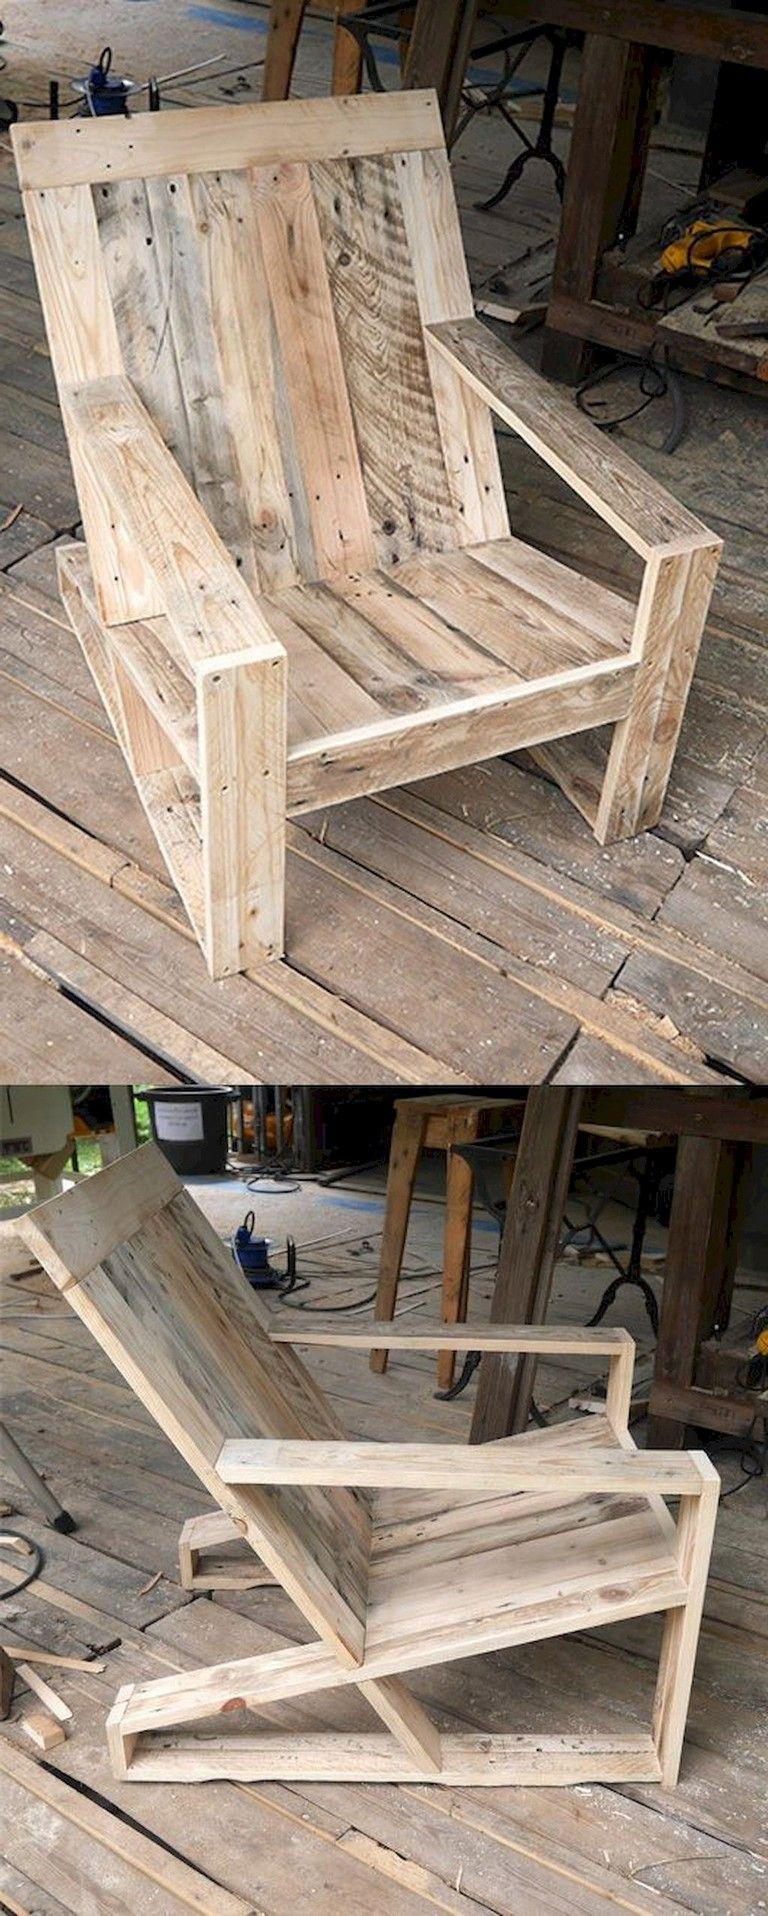 Pin on Rustic furniture